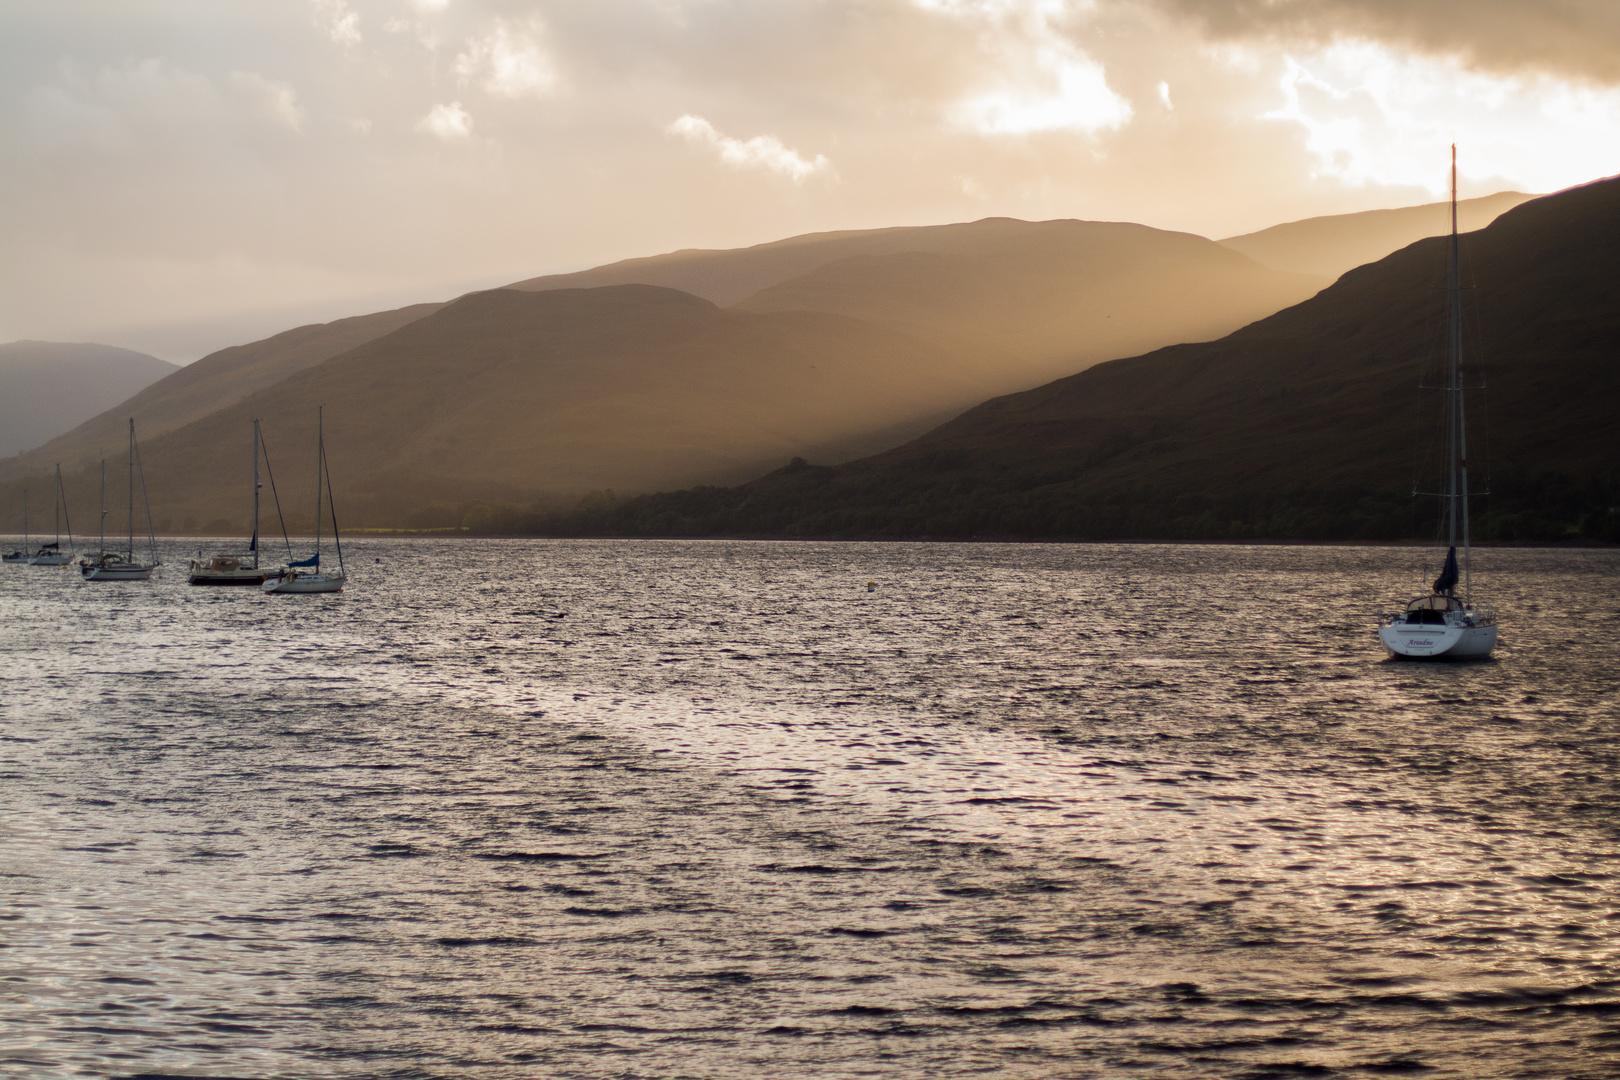 Sunbeam at Loch Linnhe